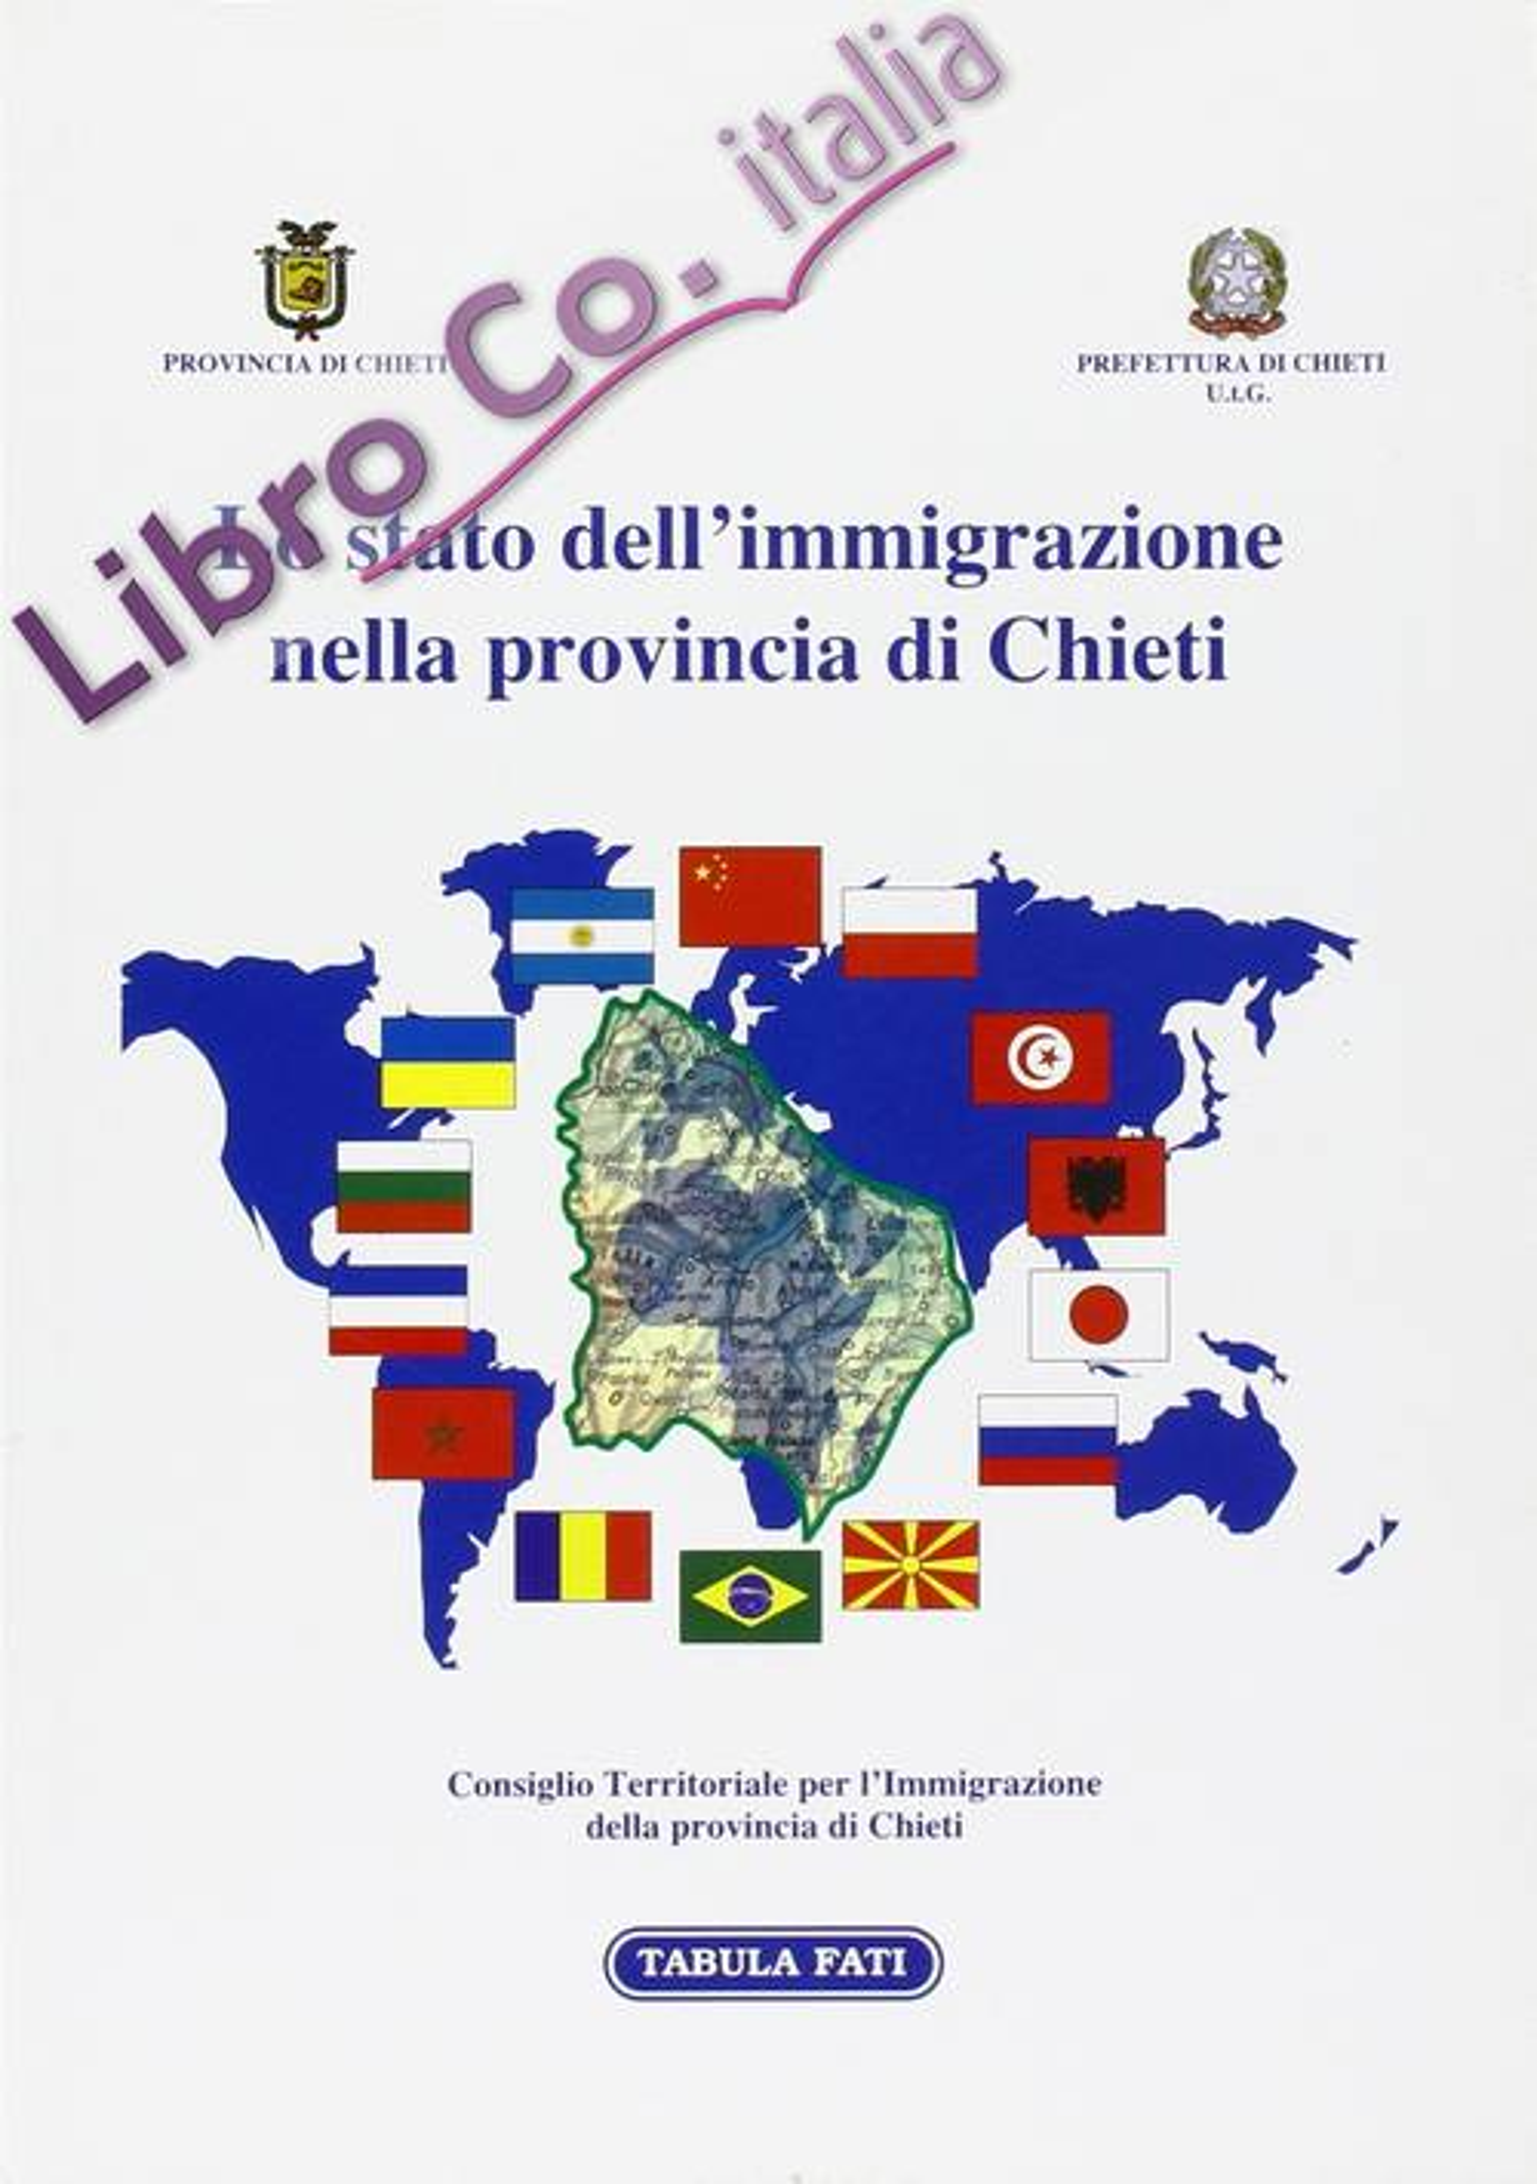 Lo stato dell'immigrazione nella provincia di Chieti